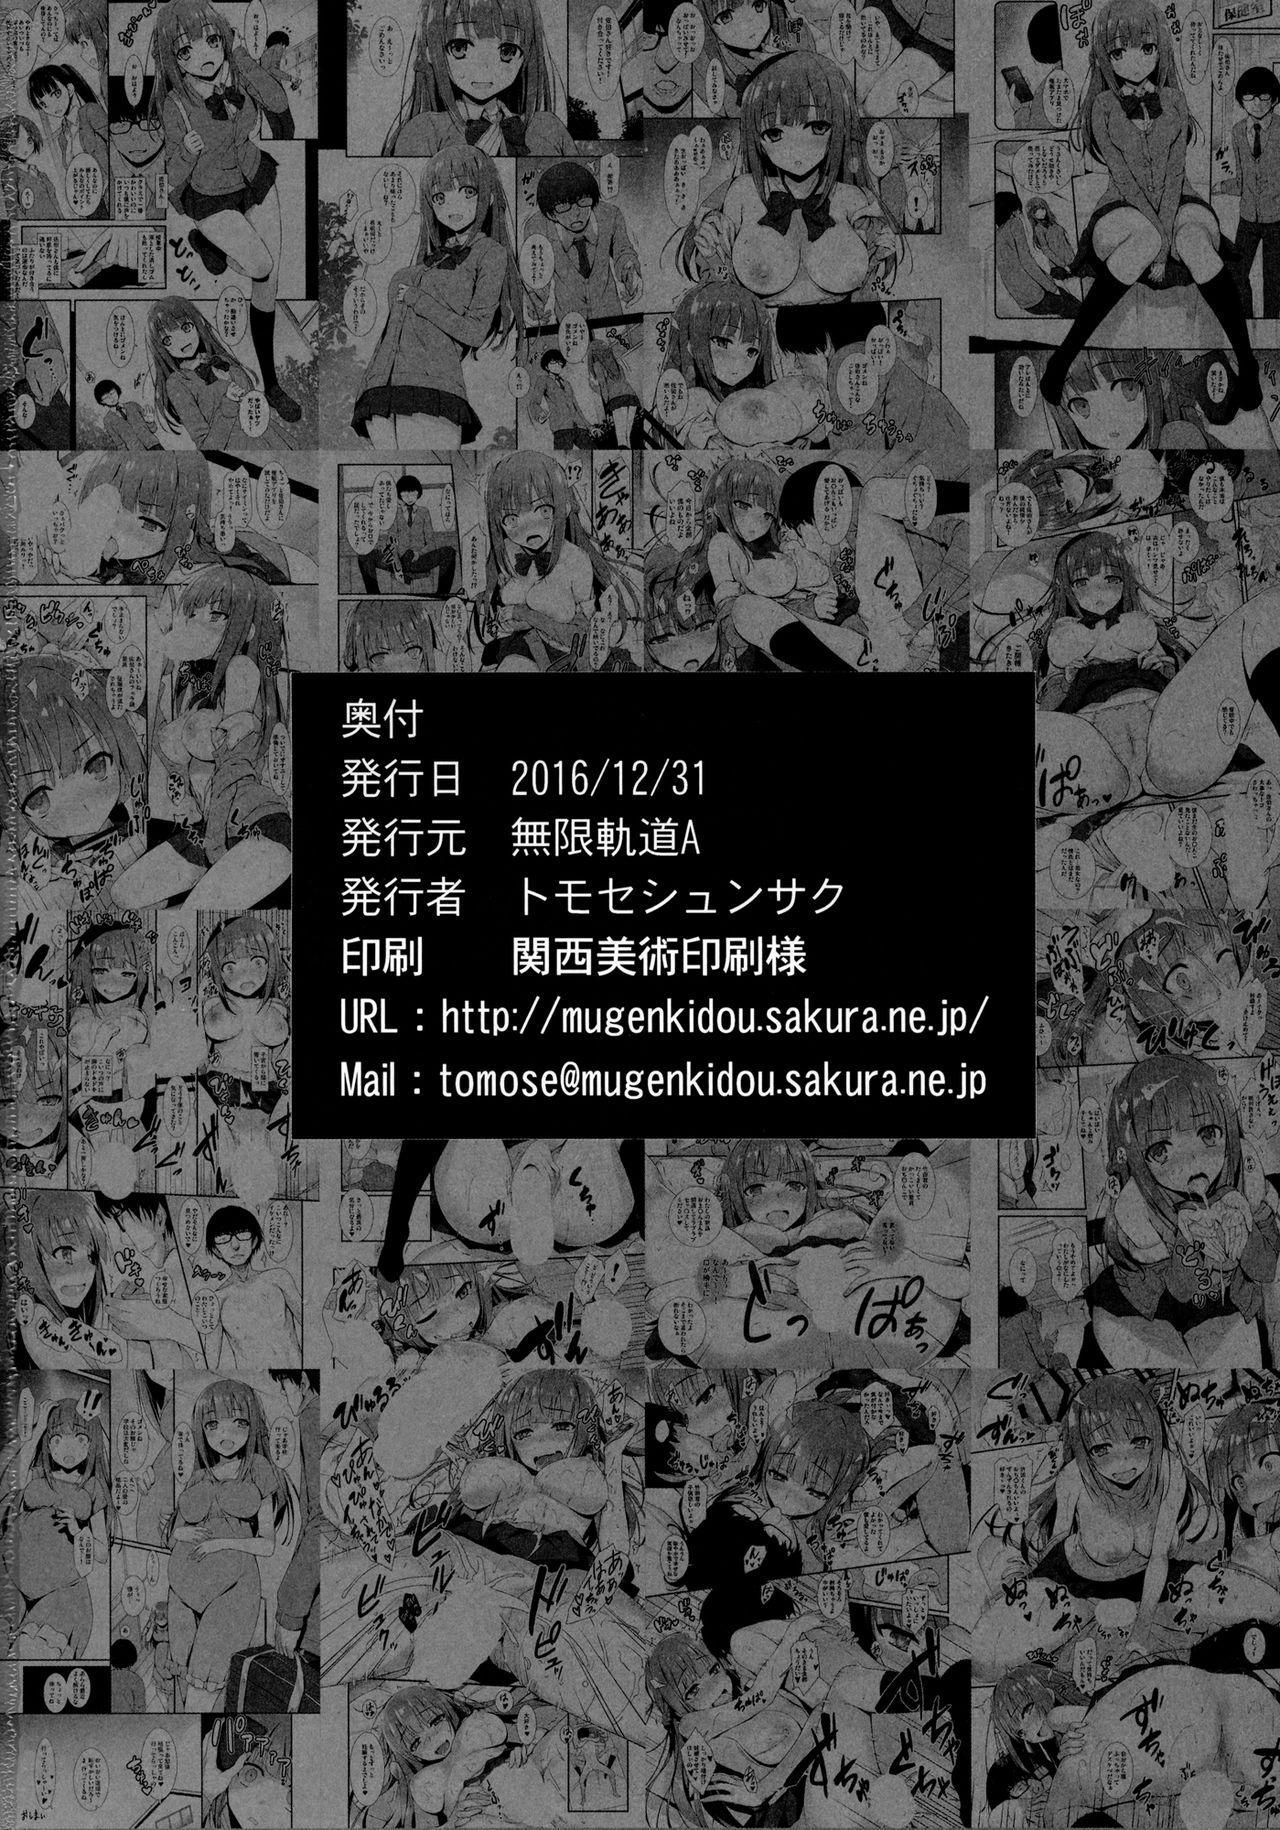 Furarete Kuyashikatta node Shikatanaku Saimin de Kanojo ni Shitemimashita. 21